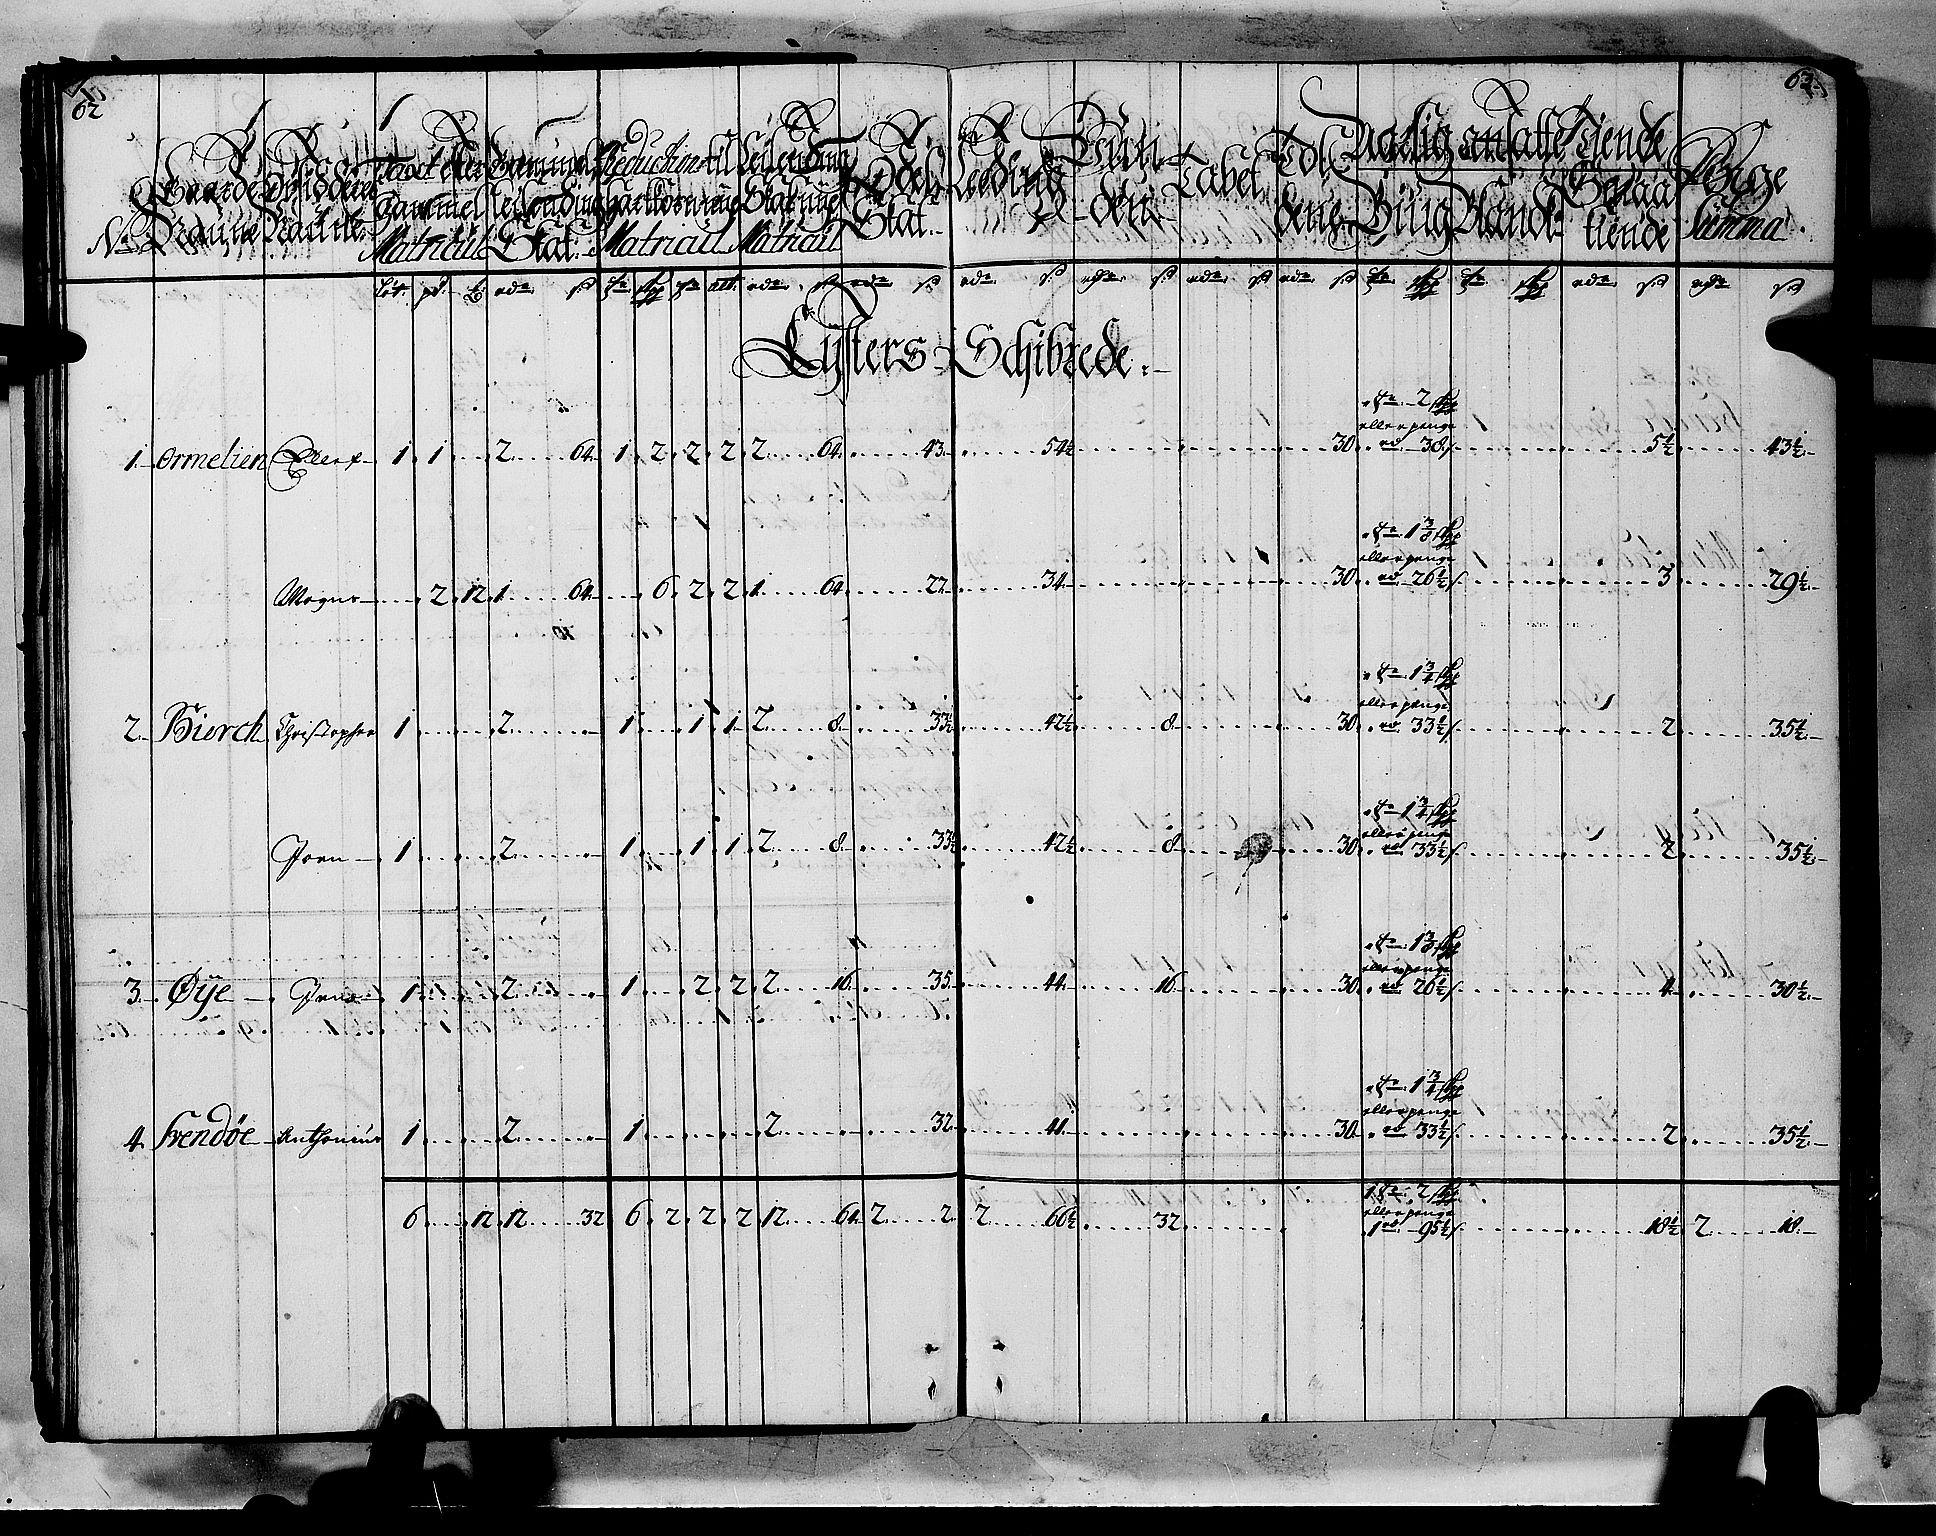 RA, Rentekammeret inntil 1814, Realistisk ordnet avdeling, N/Nb/Nbf/L0144: Indre Sogn matrikkelprotokoll, 1723, s. 62-63